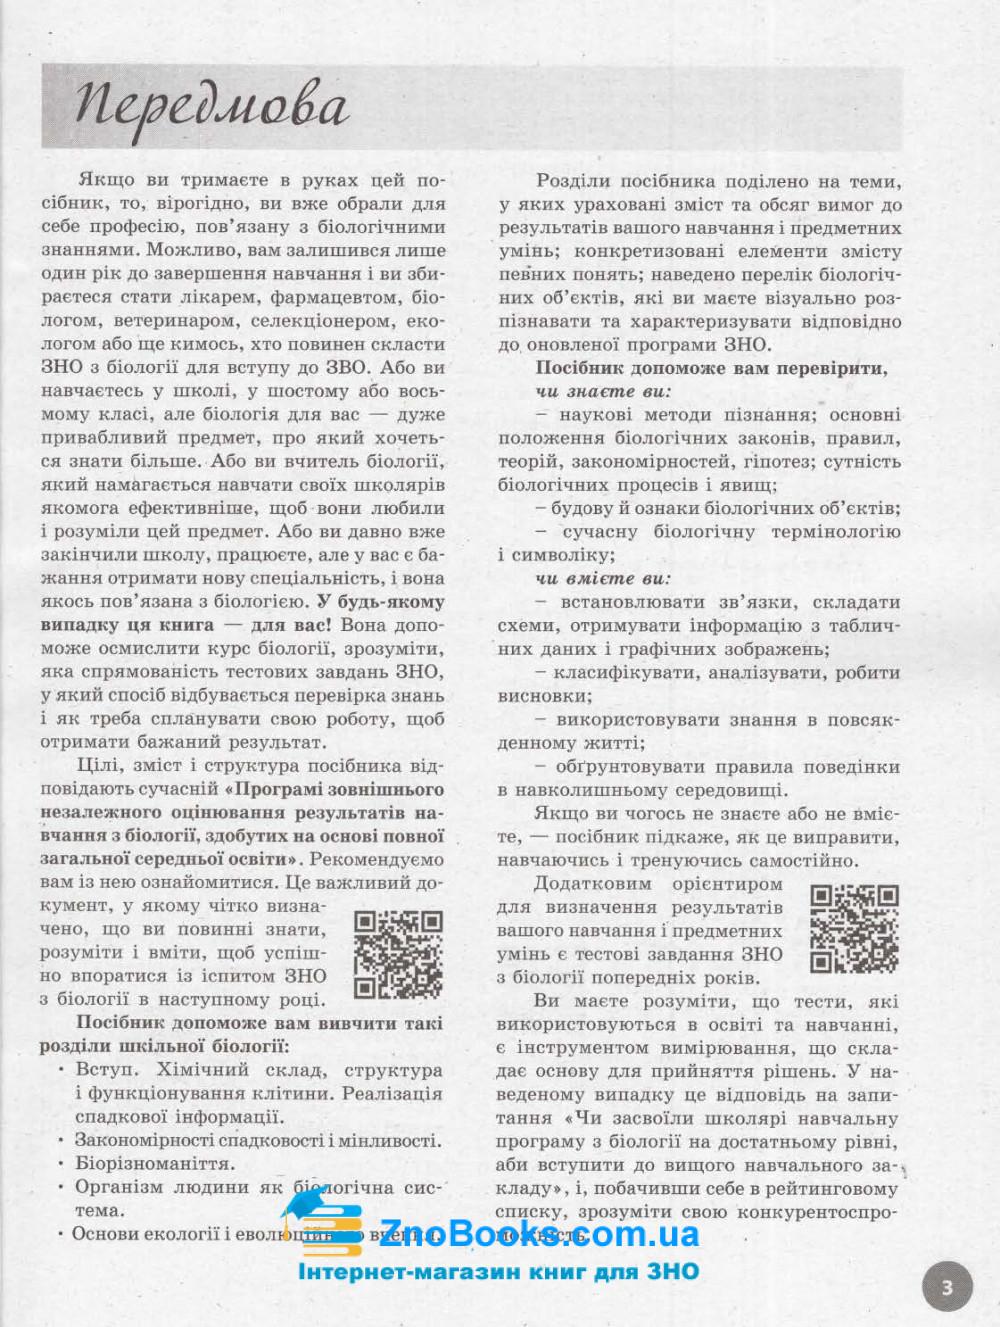 Інтерактивний довідник-практикум із тестами з біології до ЗНО 2021 : Тагліна О.  Ранок. купити 3